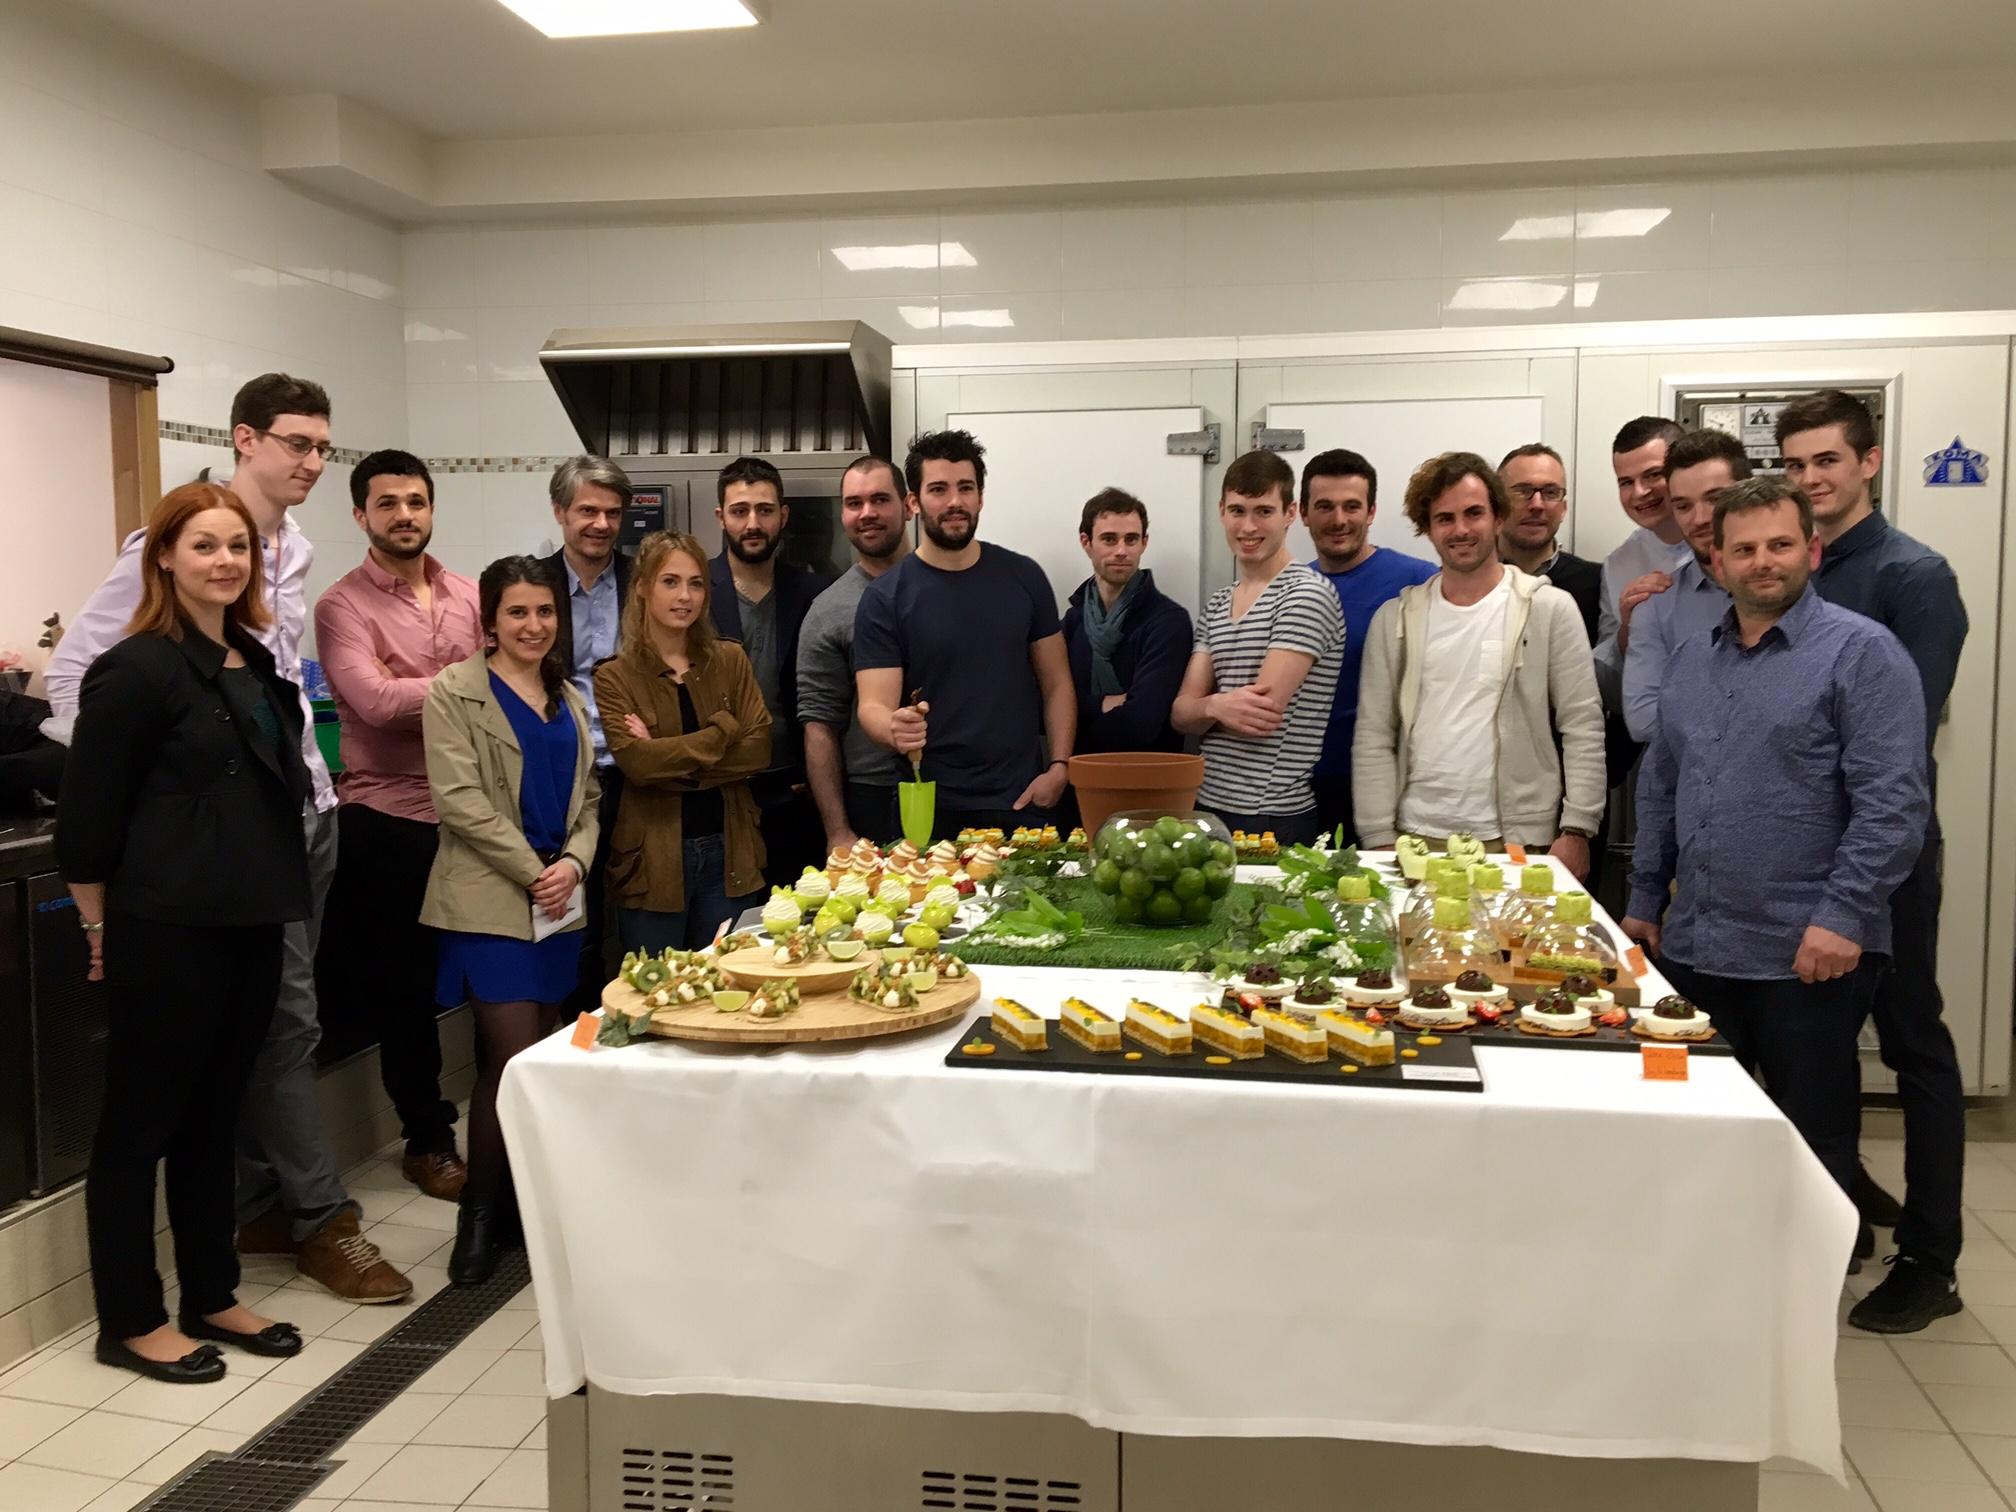 Les GluKoSés bordelais se retrouvent à la Pâtisserie Sweet Valentine